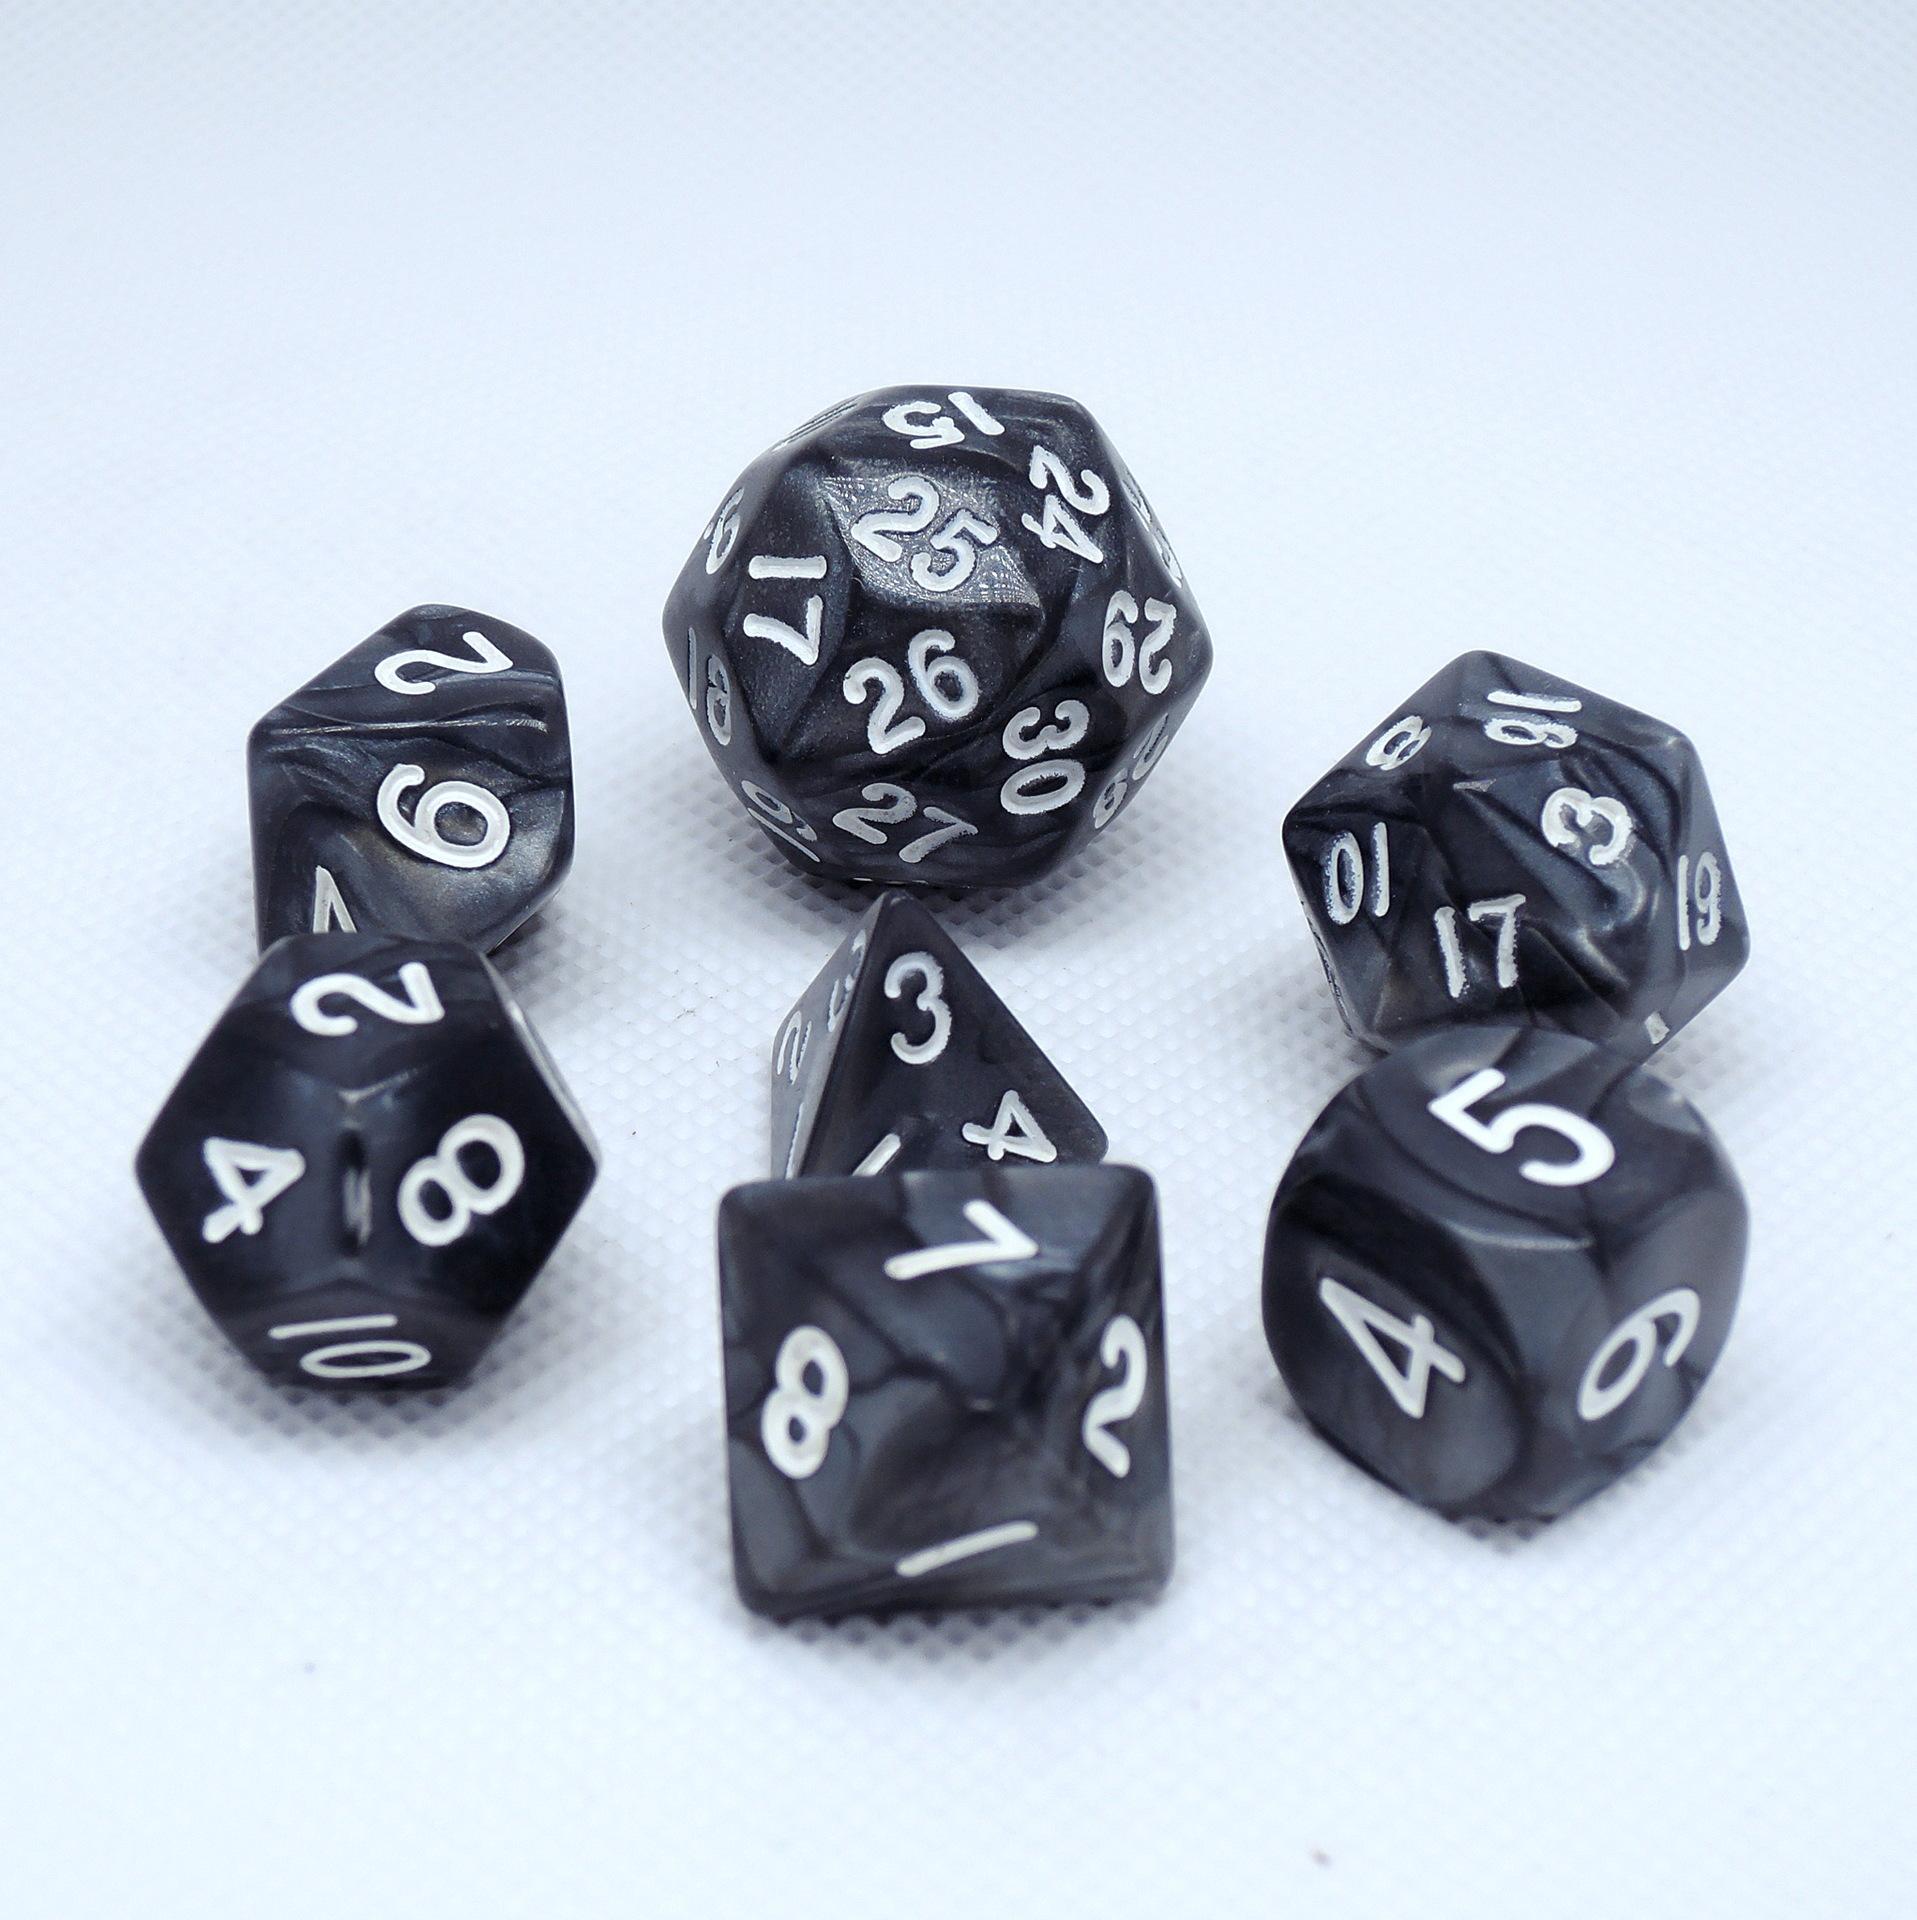 「4399 小游戏」的百度搜索量为什么在 2012 年 7 月底突然提高了 10 .2012上半年最受欢迎小游戏,精选小游戏,4399小游戏2012上半年最受欢迎小游戏,精选小游戏,4399小游戏